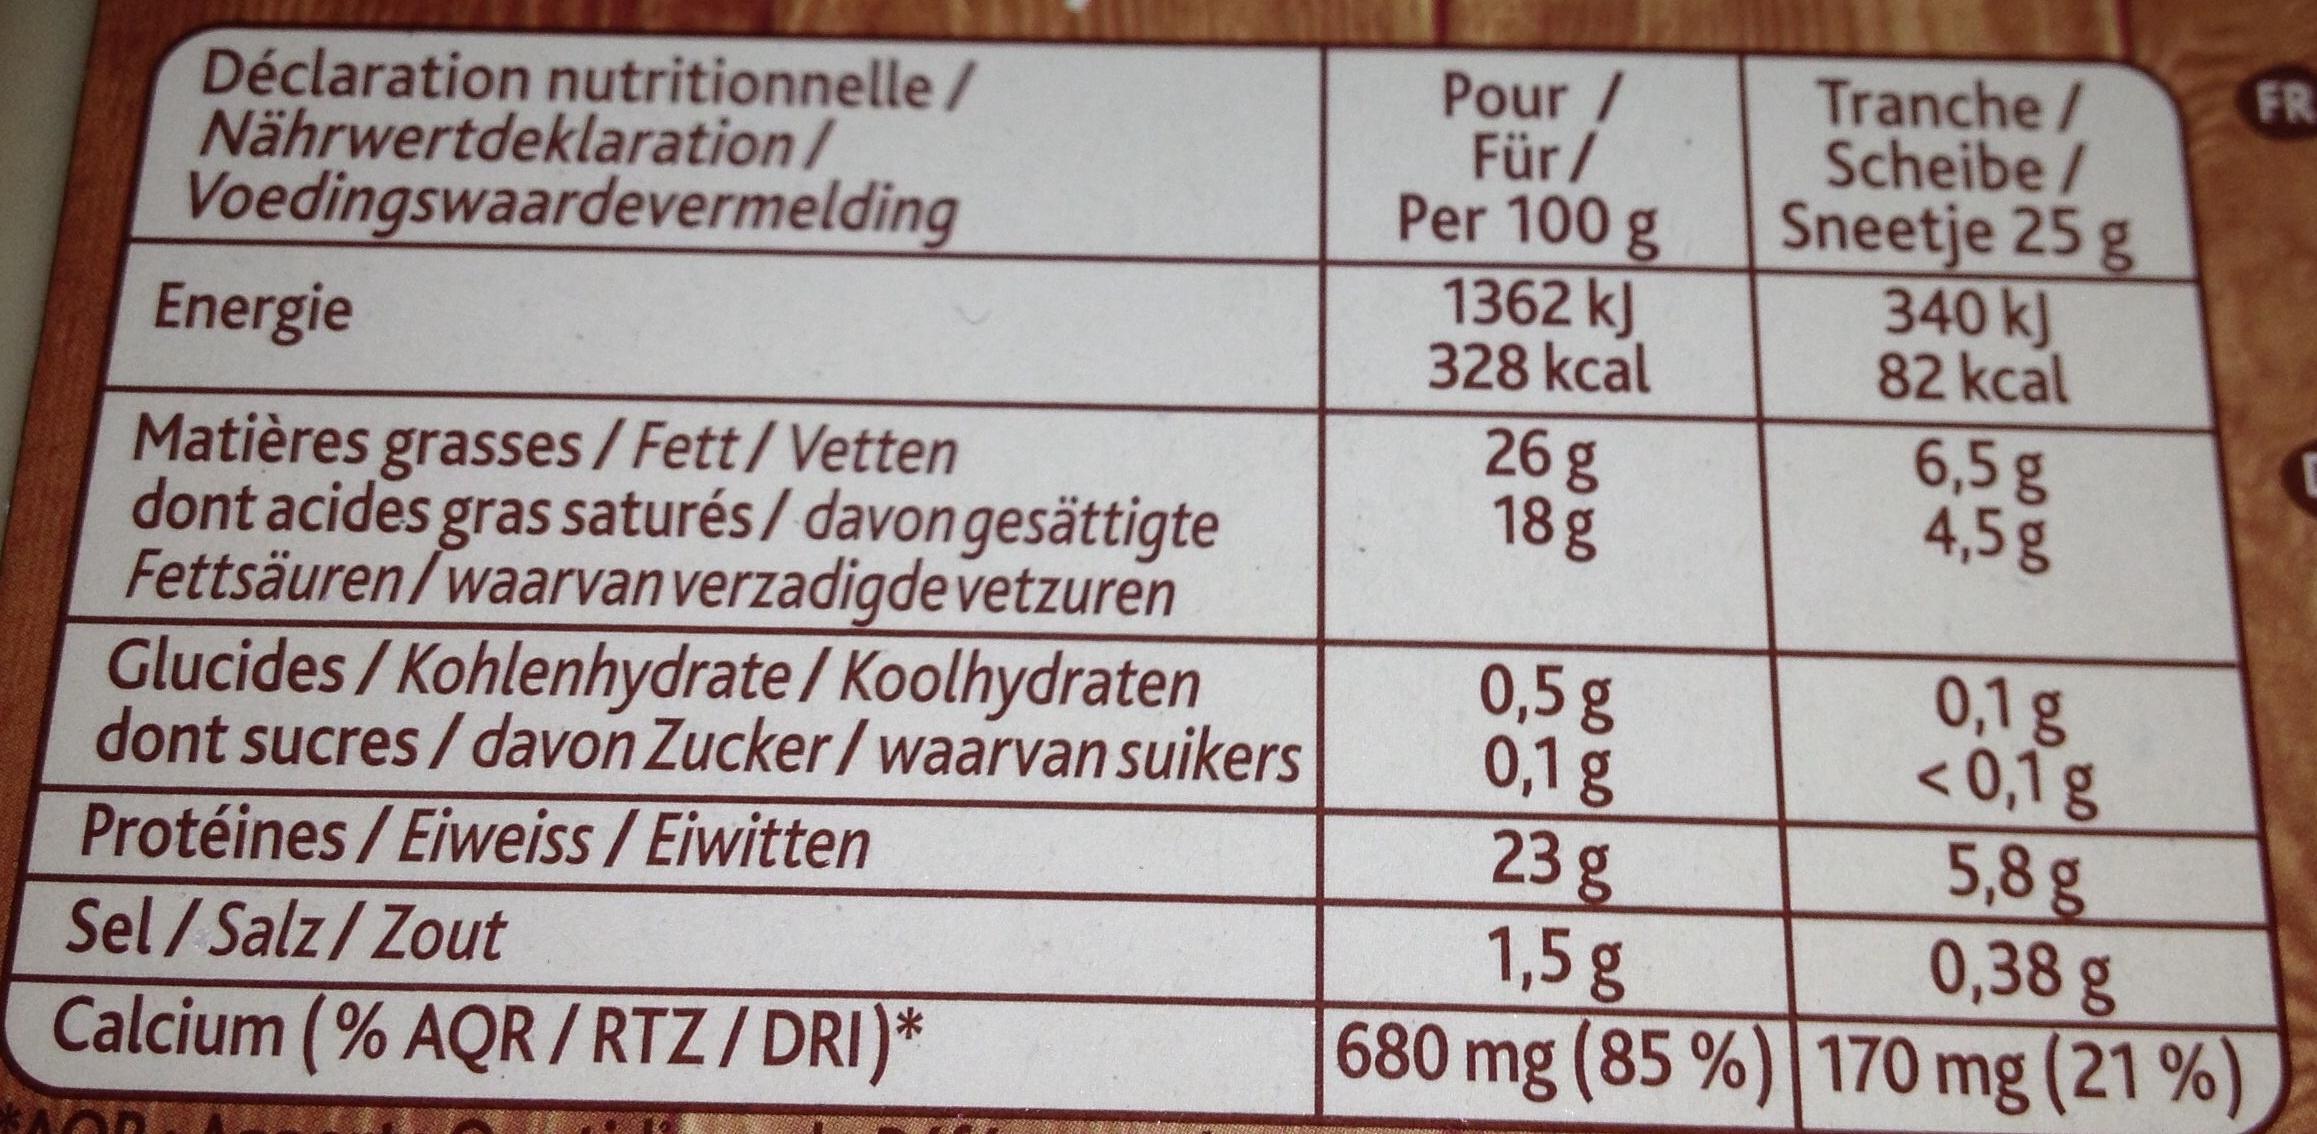 La raclette classique 26 mg format familial richesmonts 850 g 6 7 personnes environ 34 - Quantite de fromage par personne ...